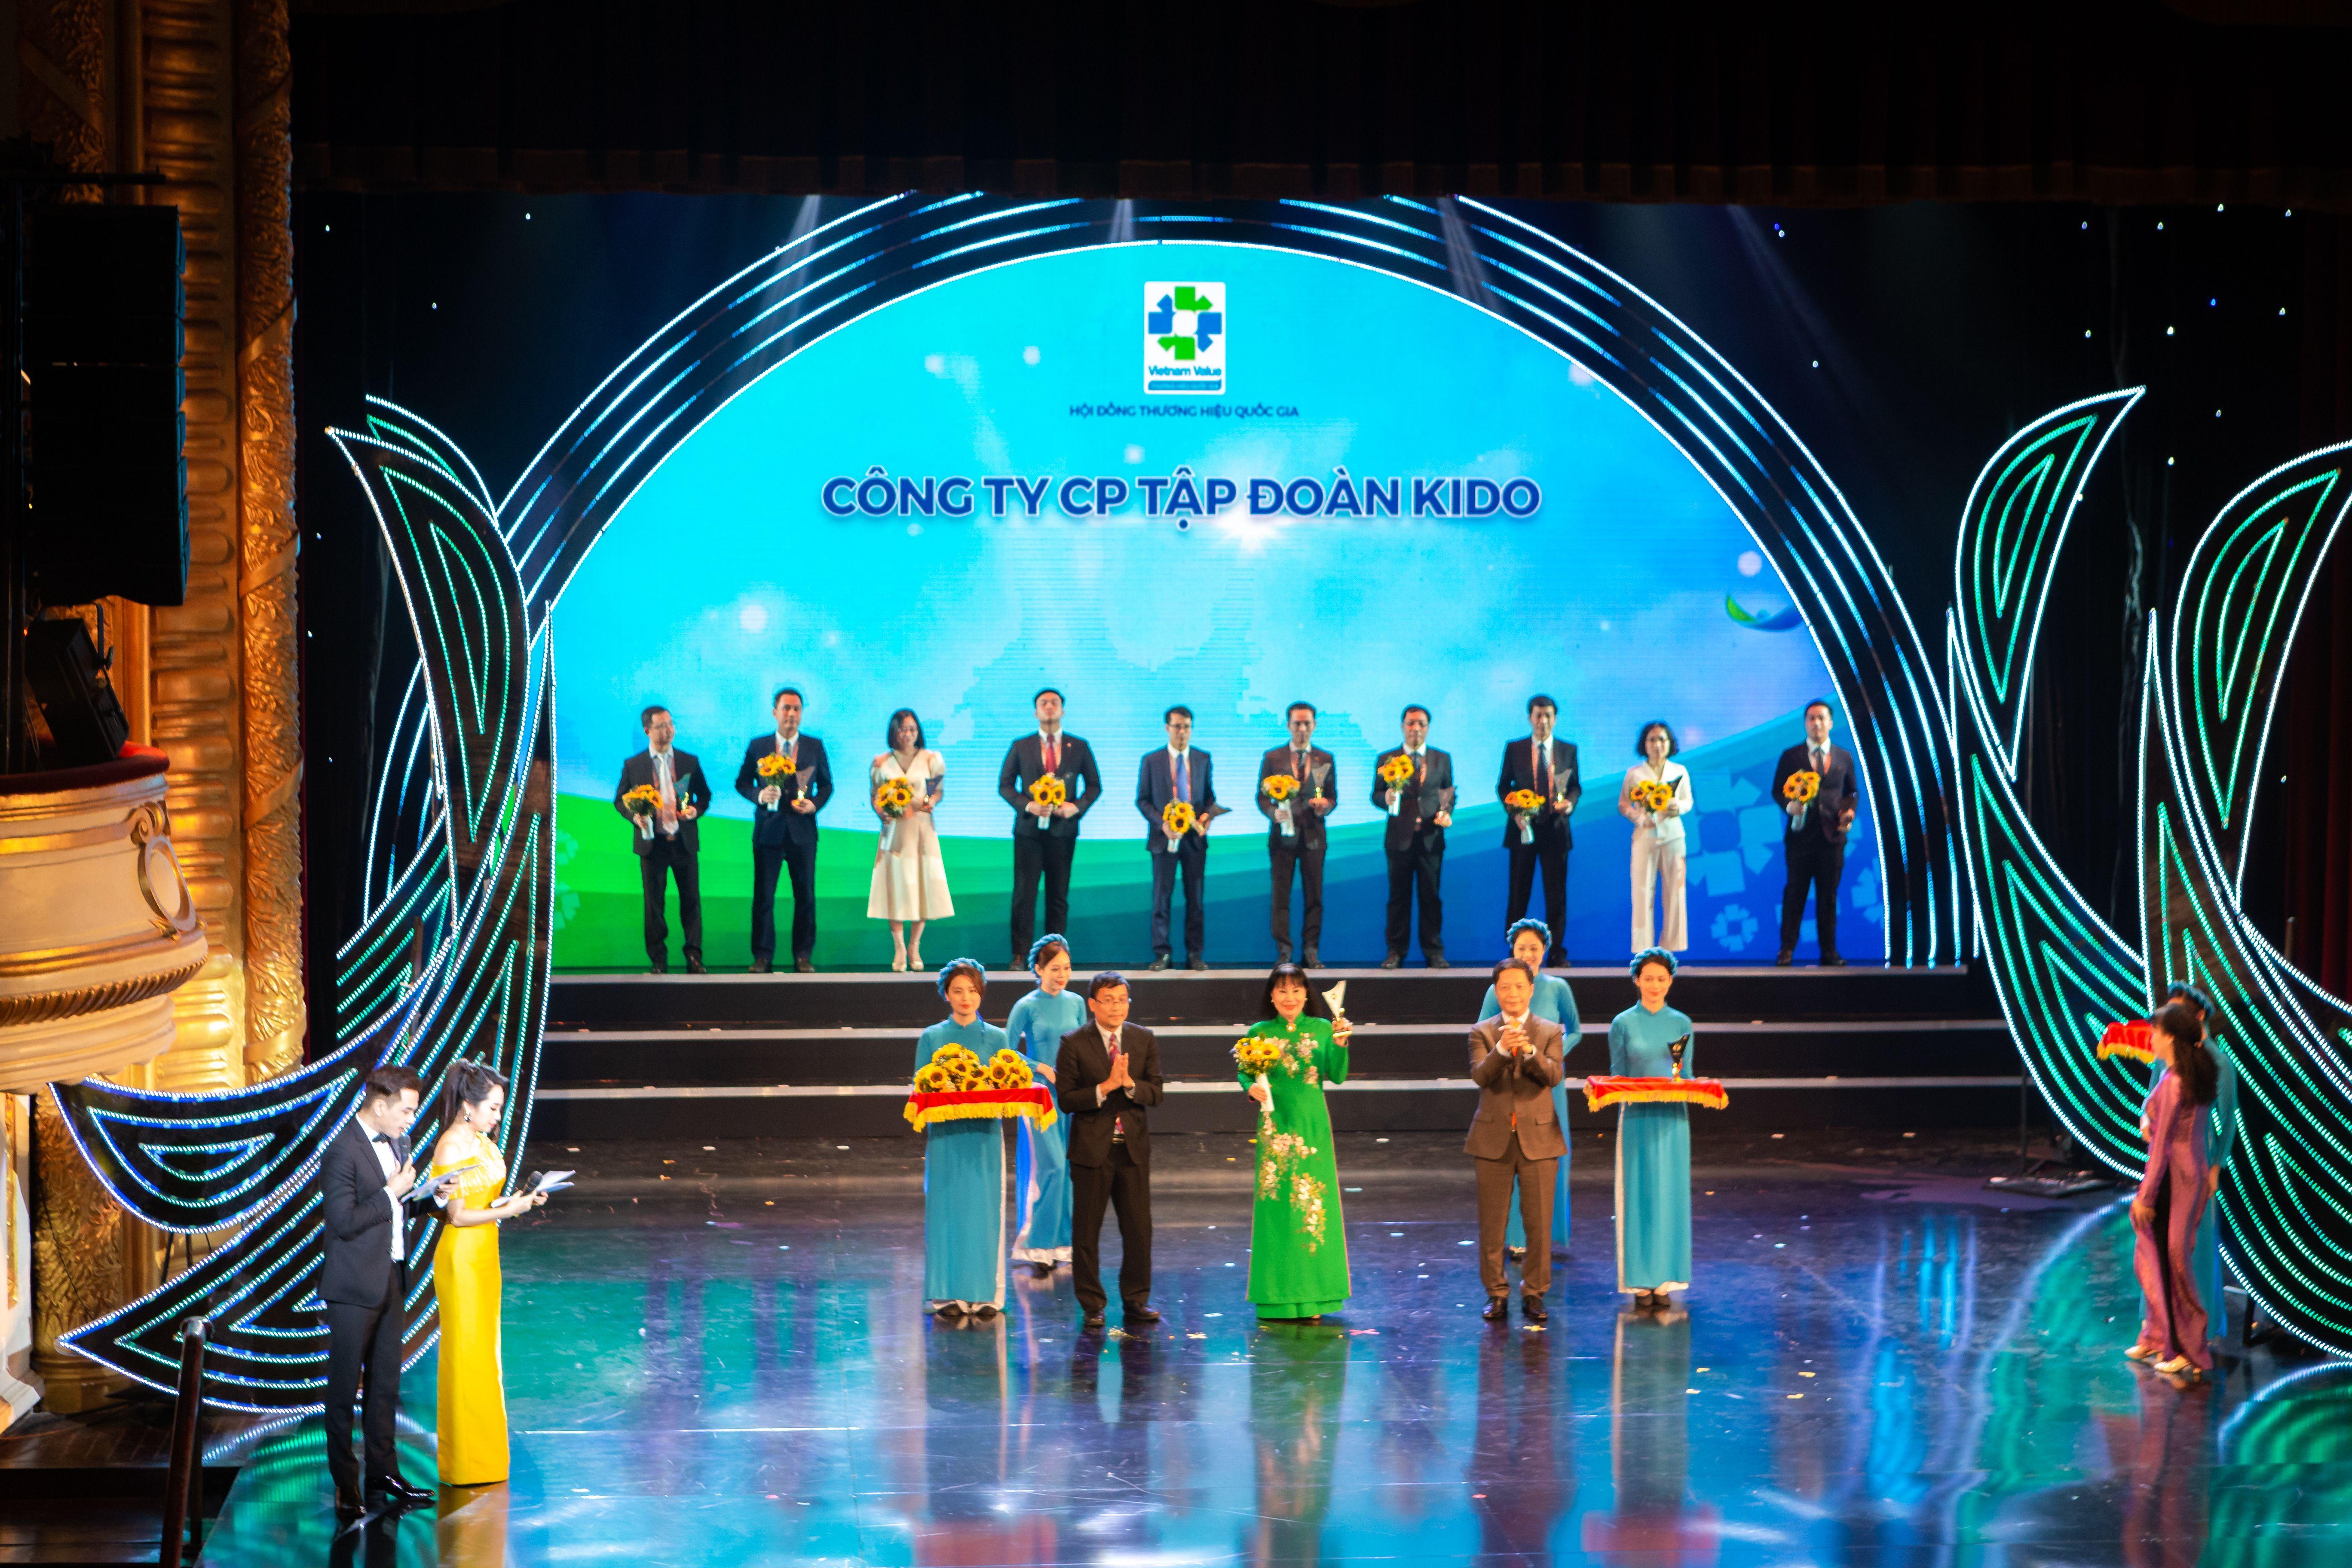 Tập đoàn Kido nhận giải thương hiệu quốc gia năm 2020